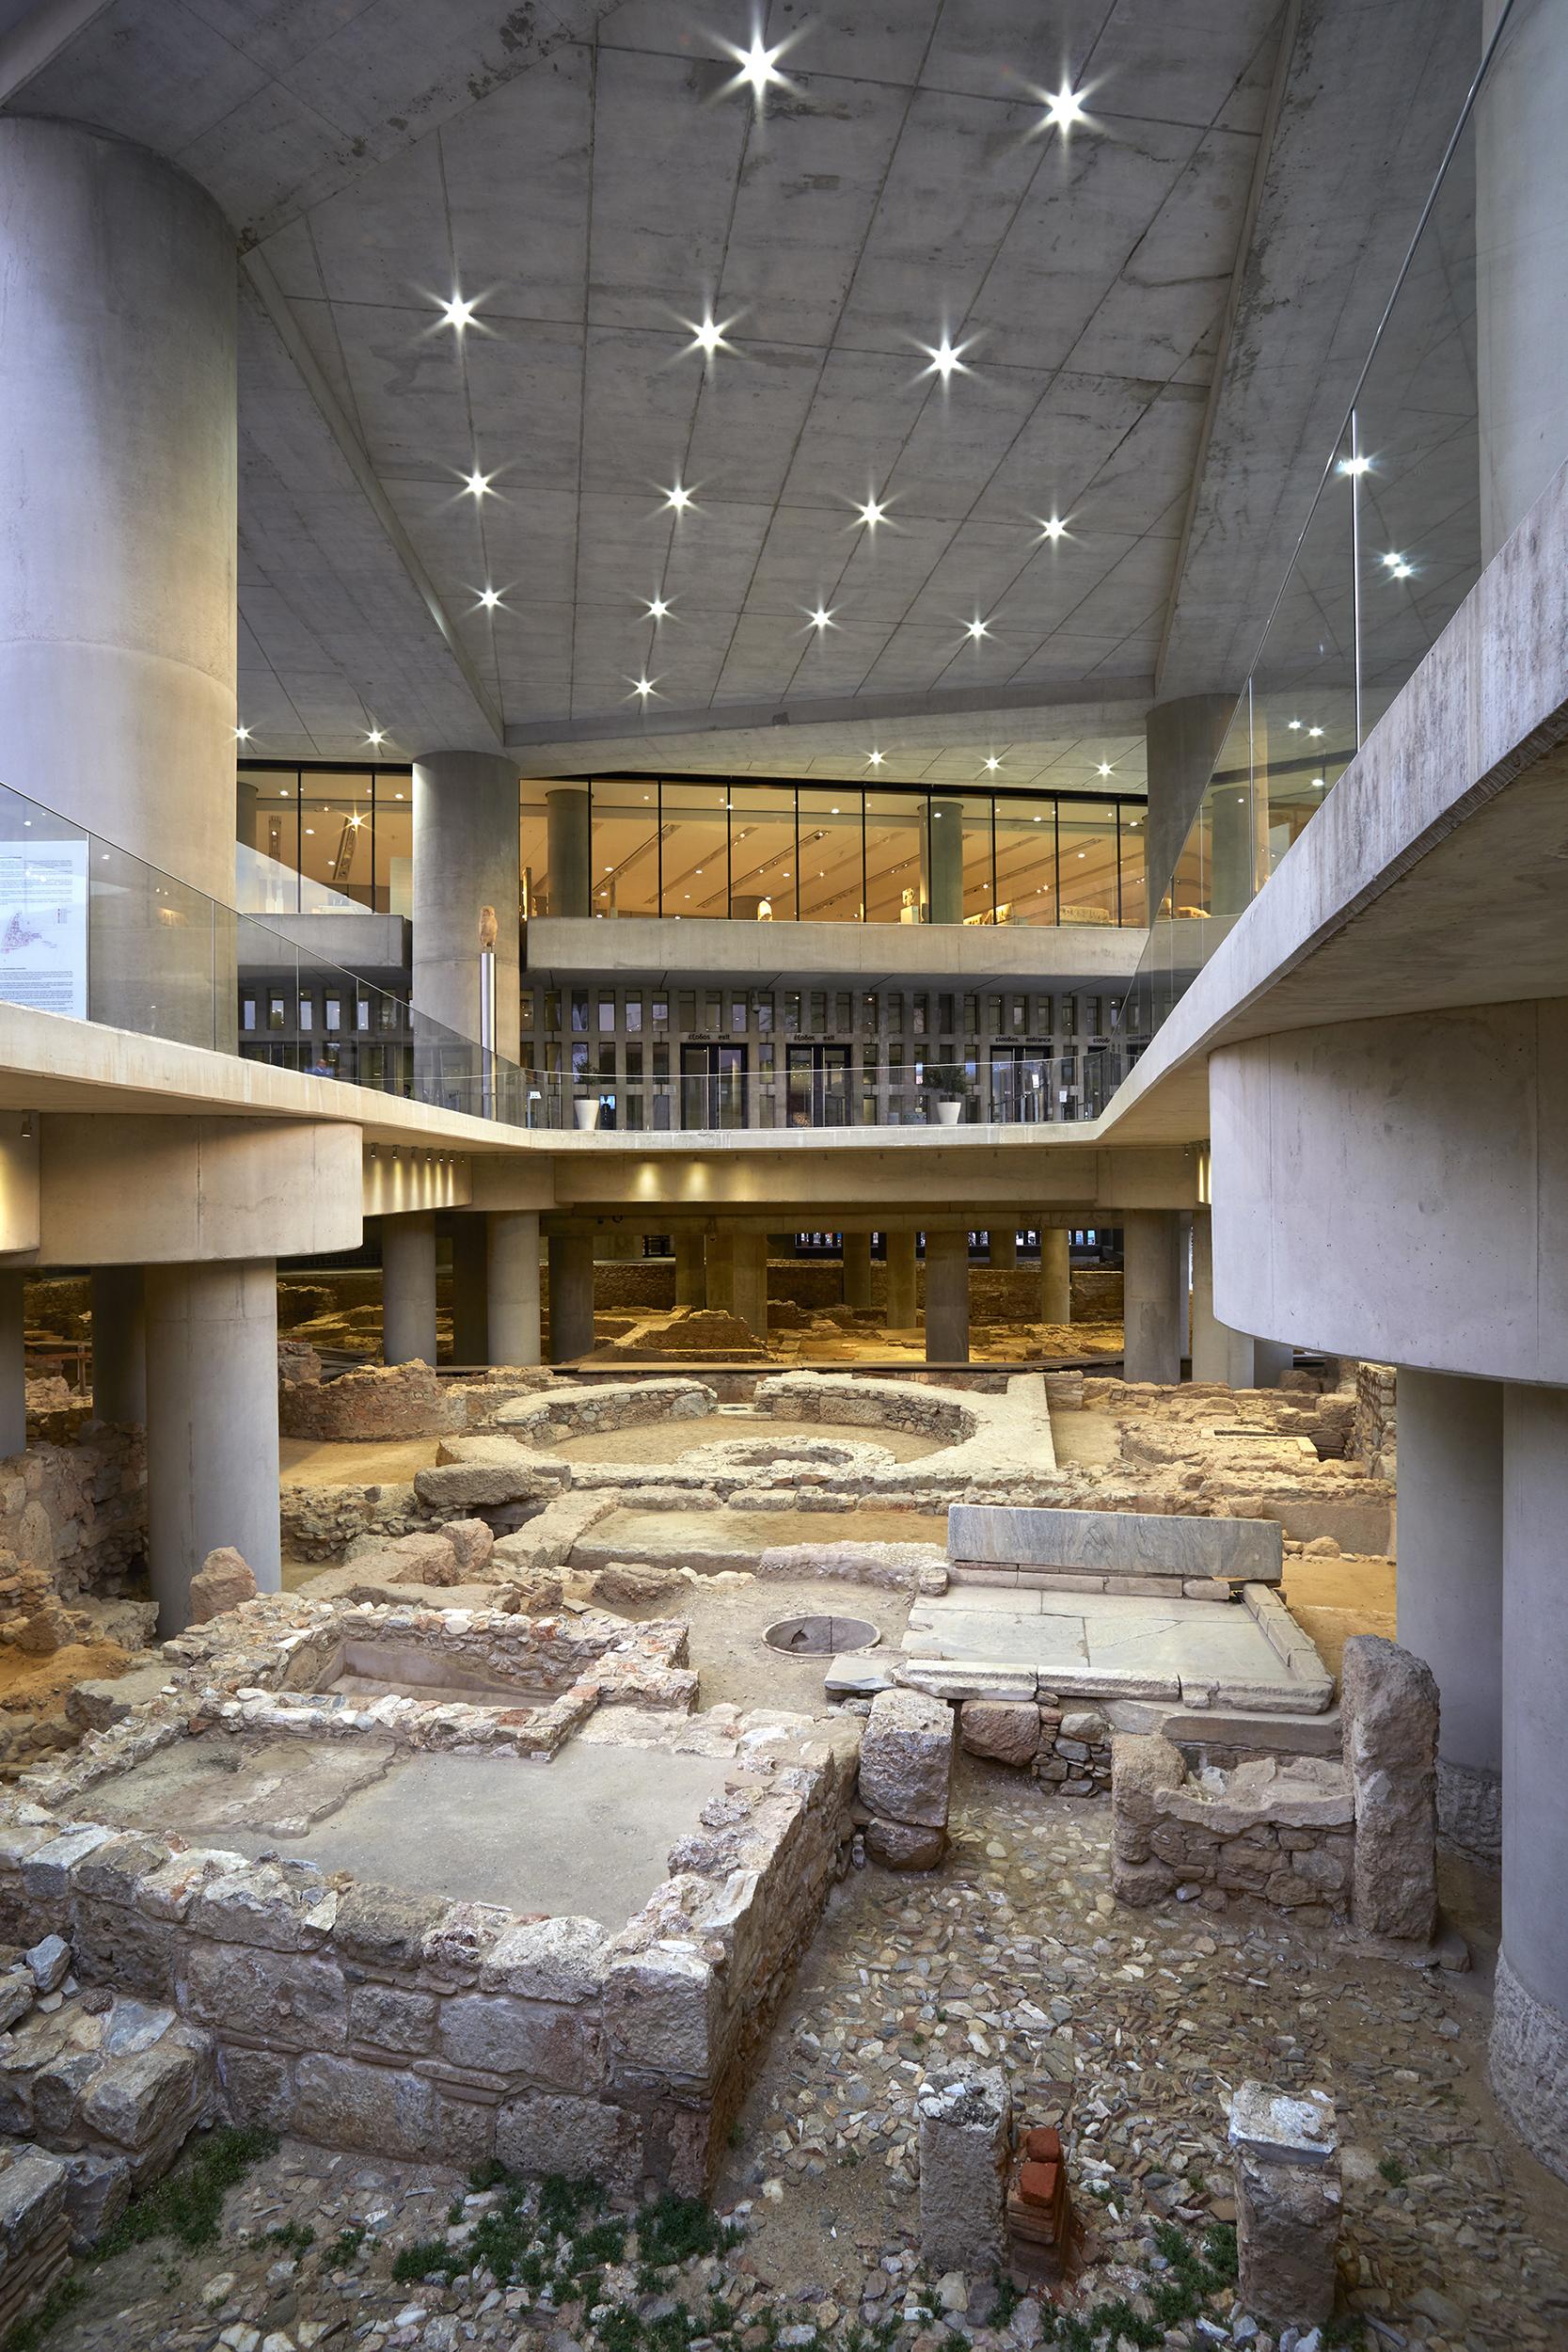 Η αρχαιολογική ανασκαφή © Μουσείο Ακρόπολης. Φωτογραφία Γιώργος Βιτσαρόπουλος